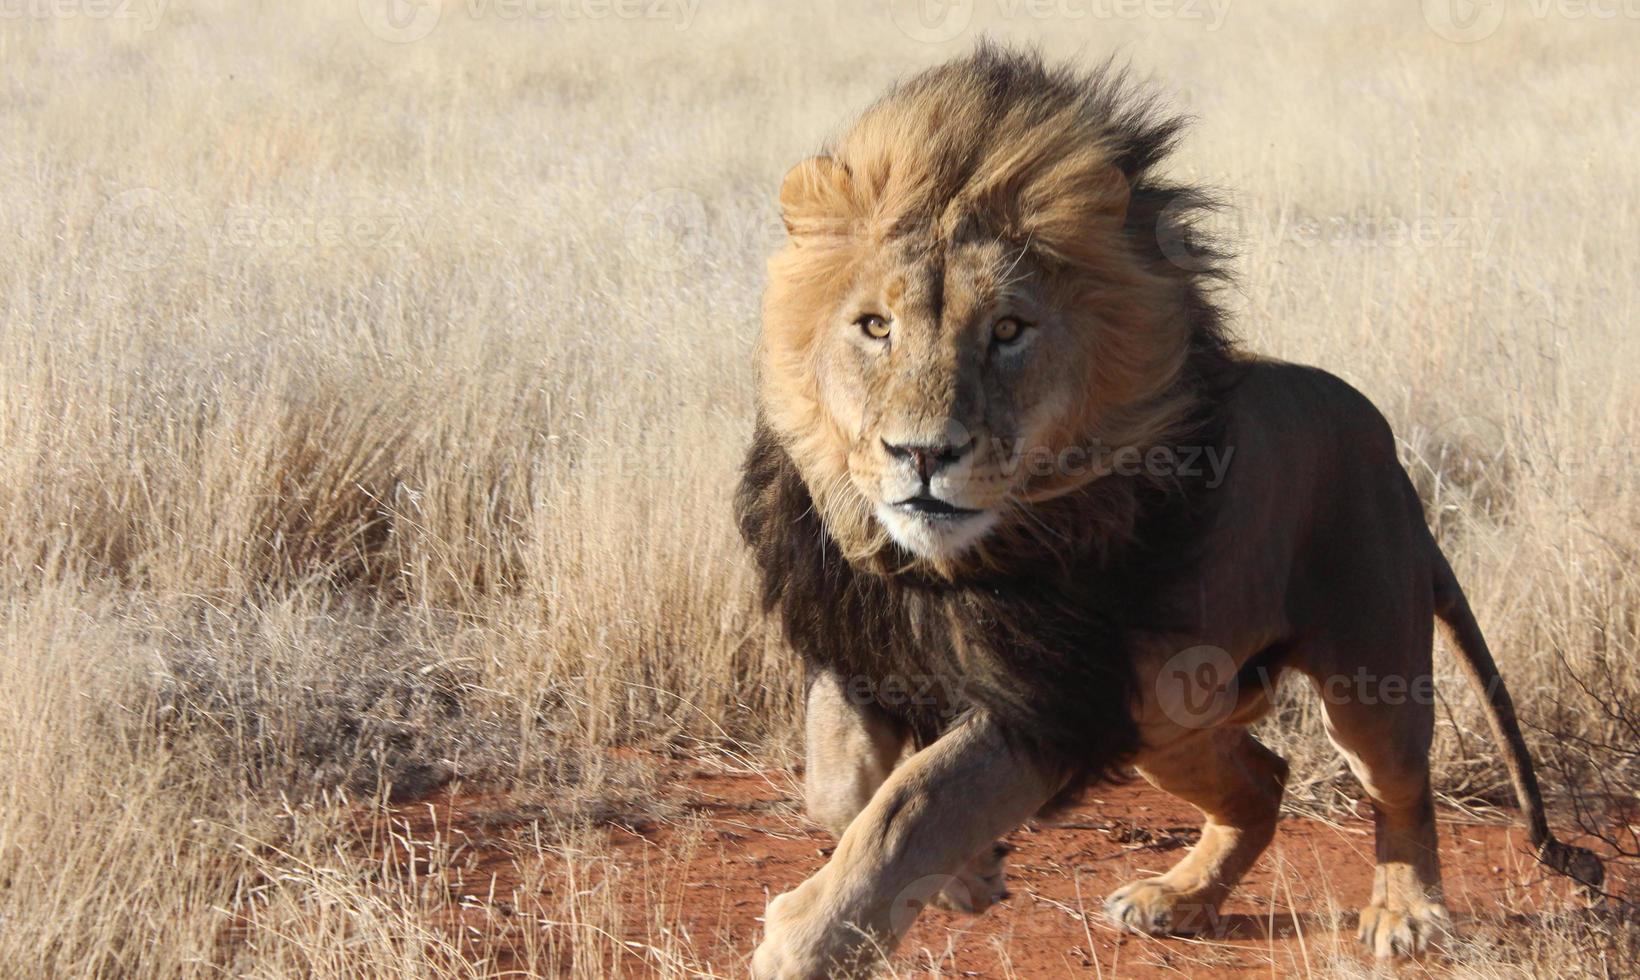 cobrando leão foto